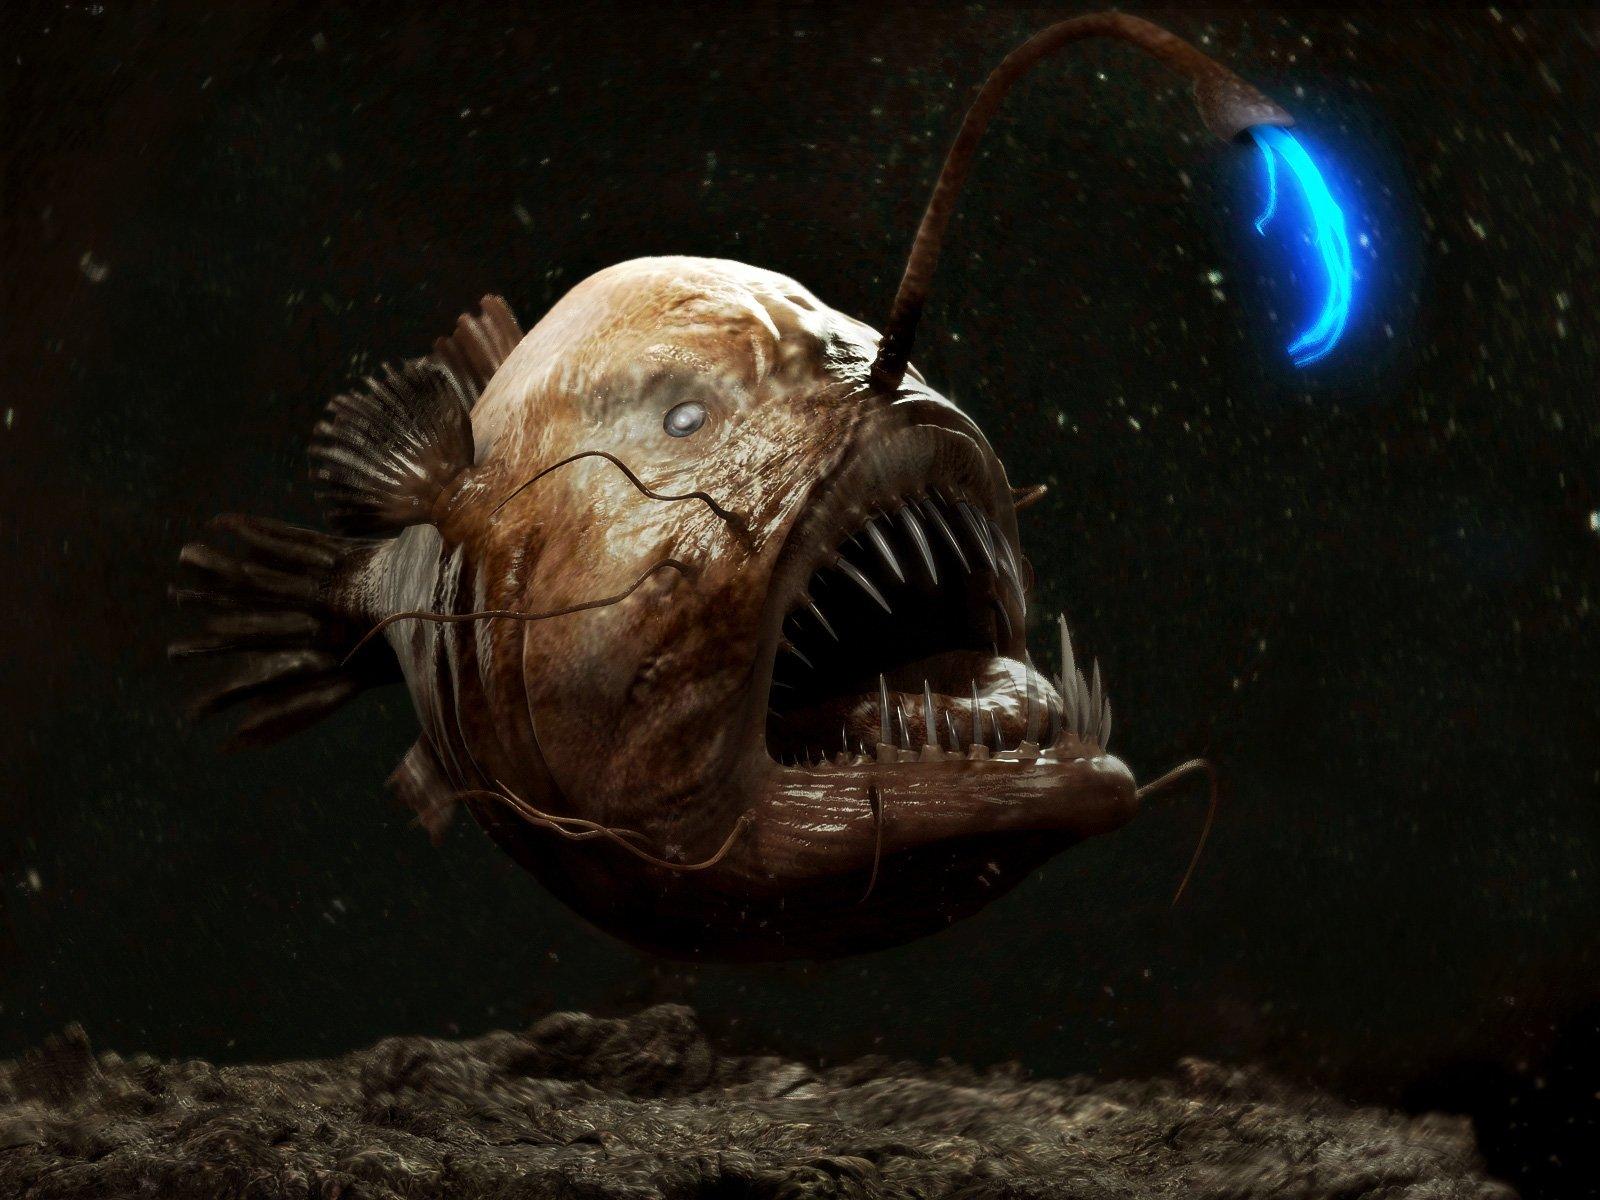 глубоководные рыбы марианской впадины фото спинозавр выжили наших